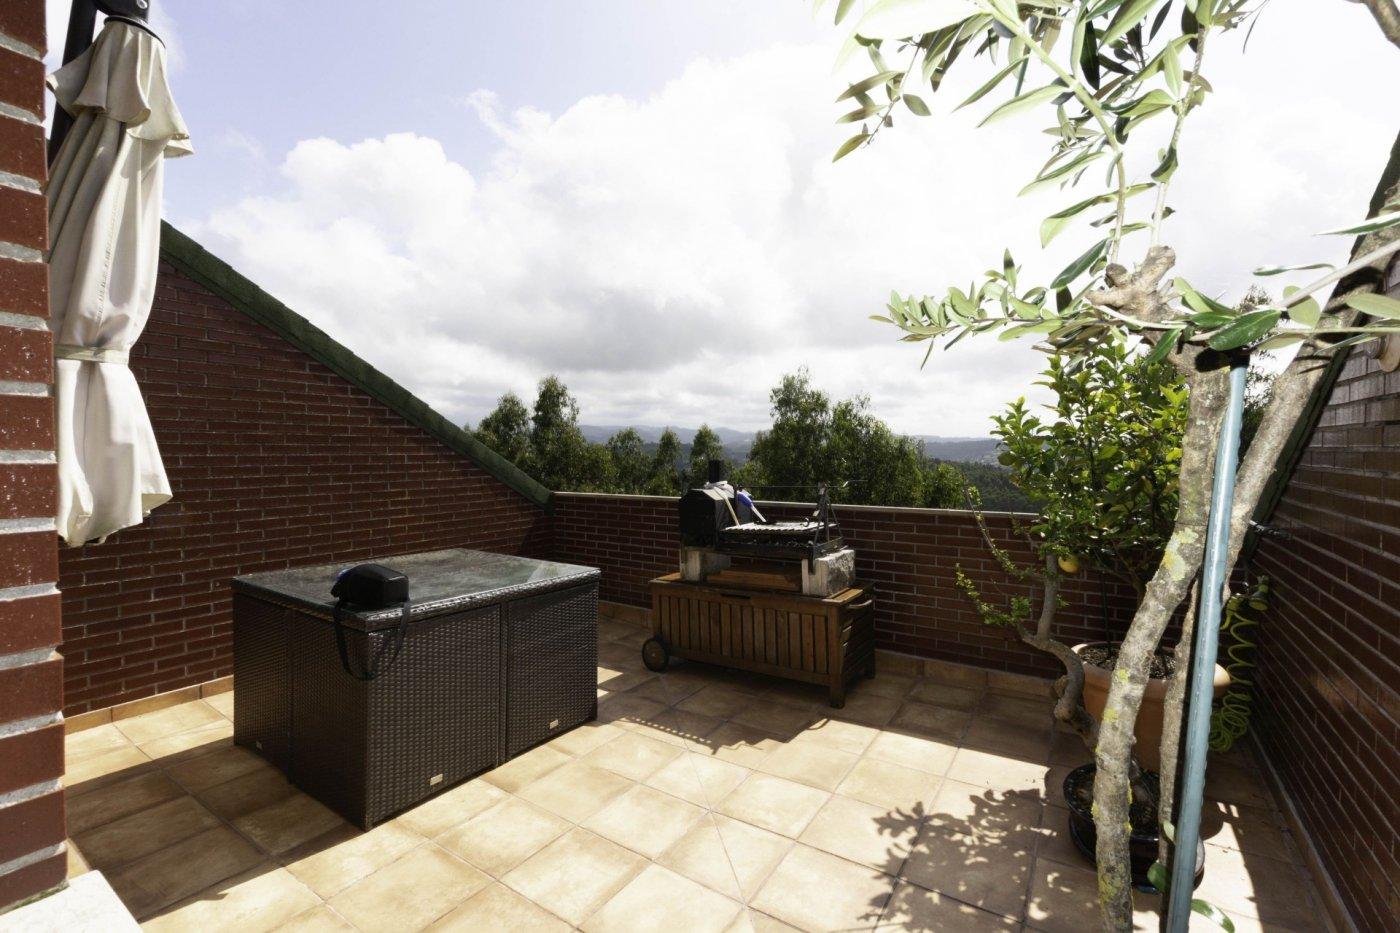 Ático con terraza de 11 m2, a 2 km de salinas - imagenInmueble3